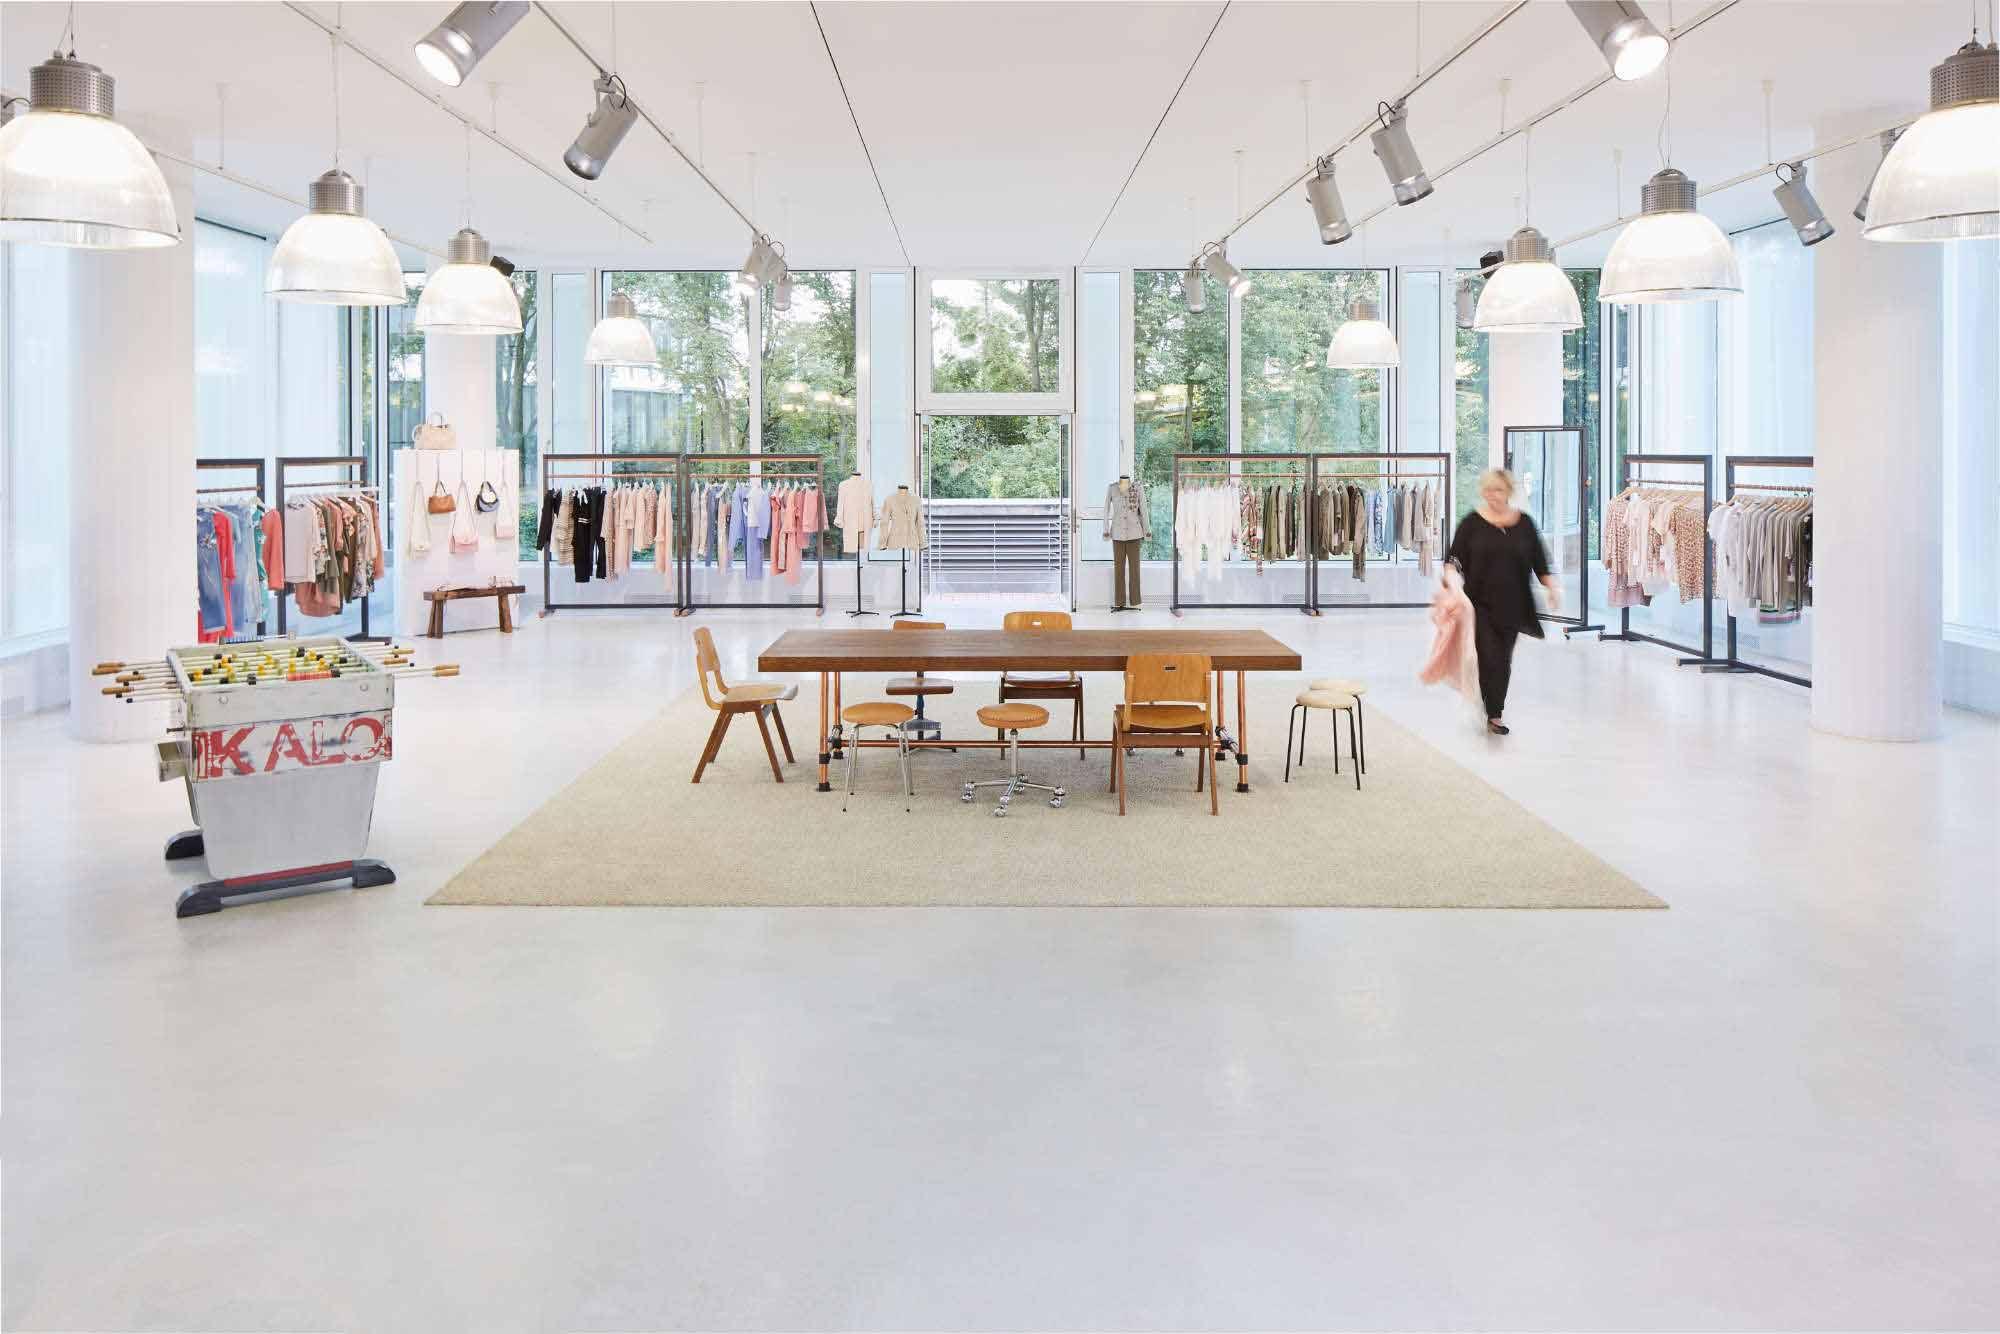 Architekturbild im Showroom von Berning Showrooms in Düsseldorf mit Tisch in der Mitte